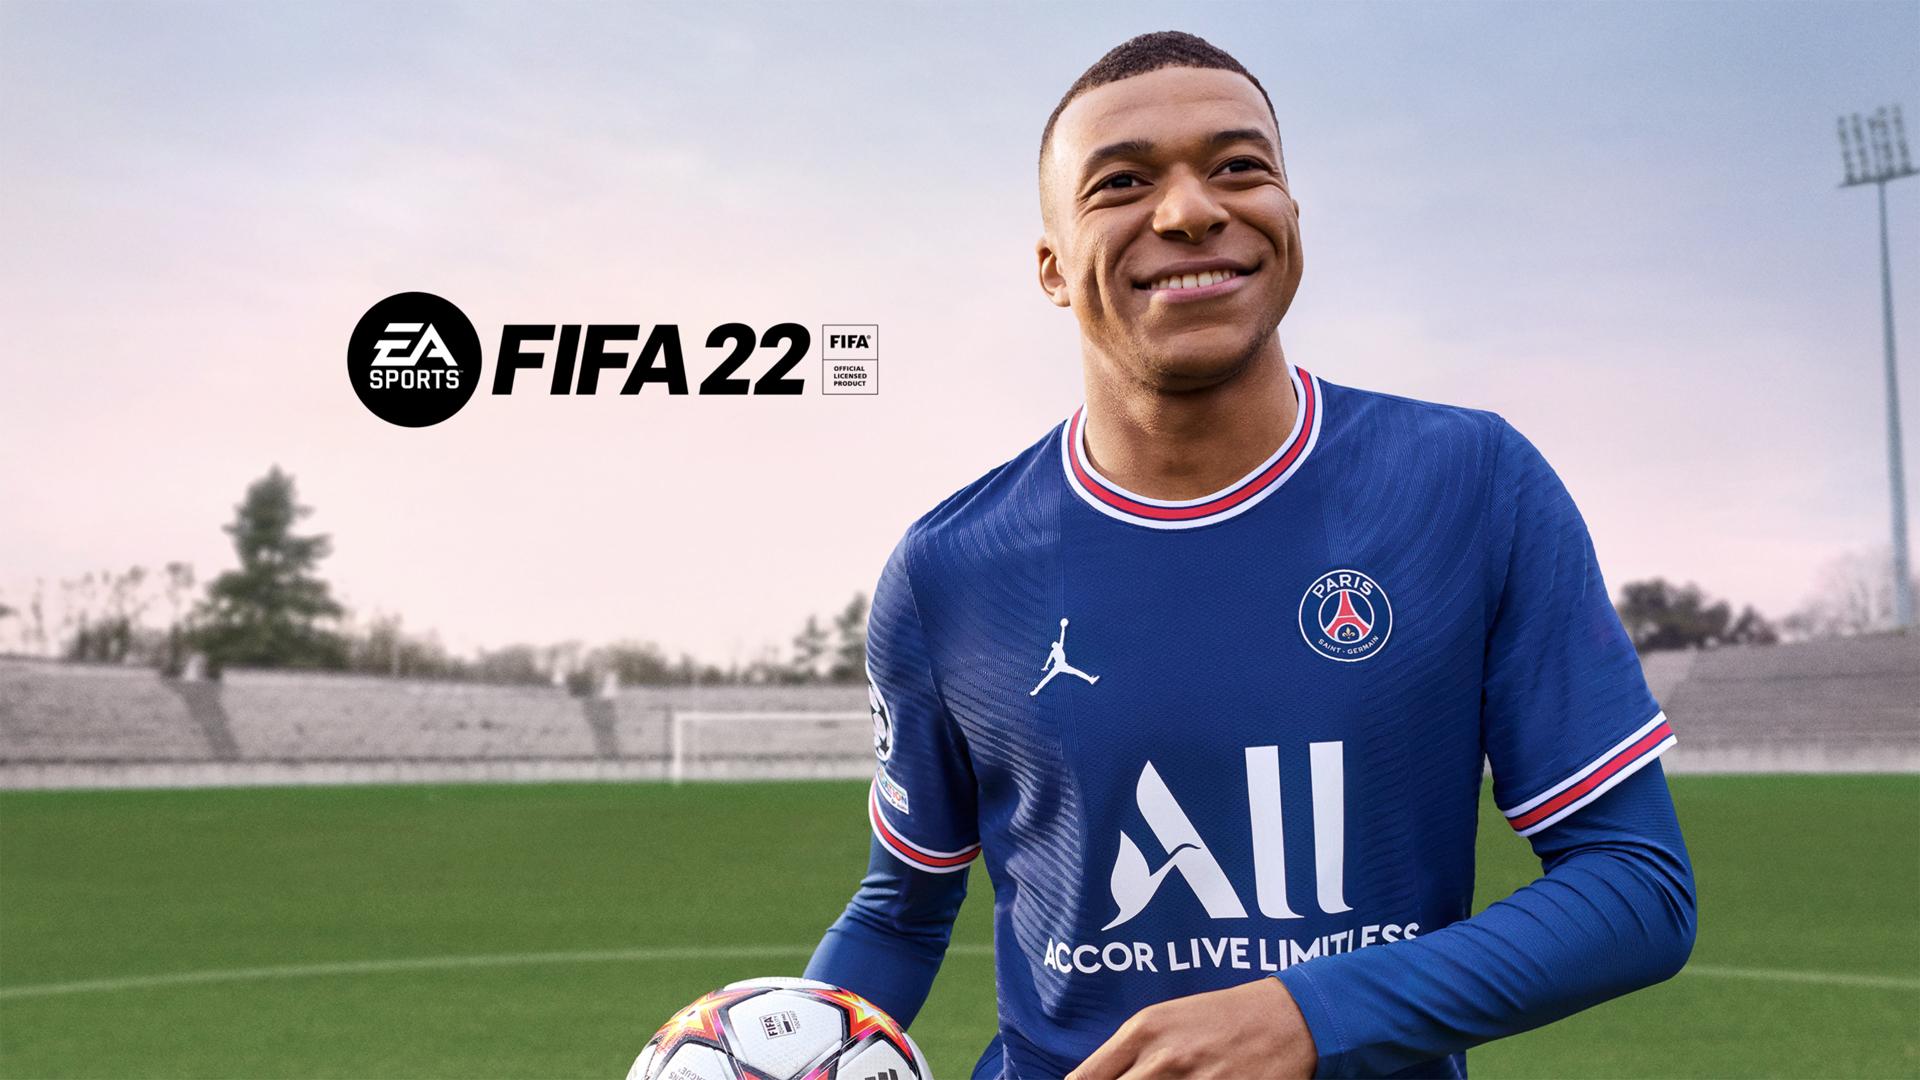 fifa 22 early access